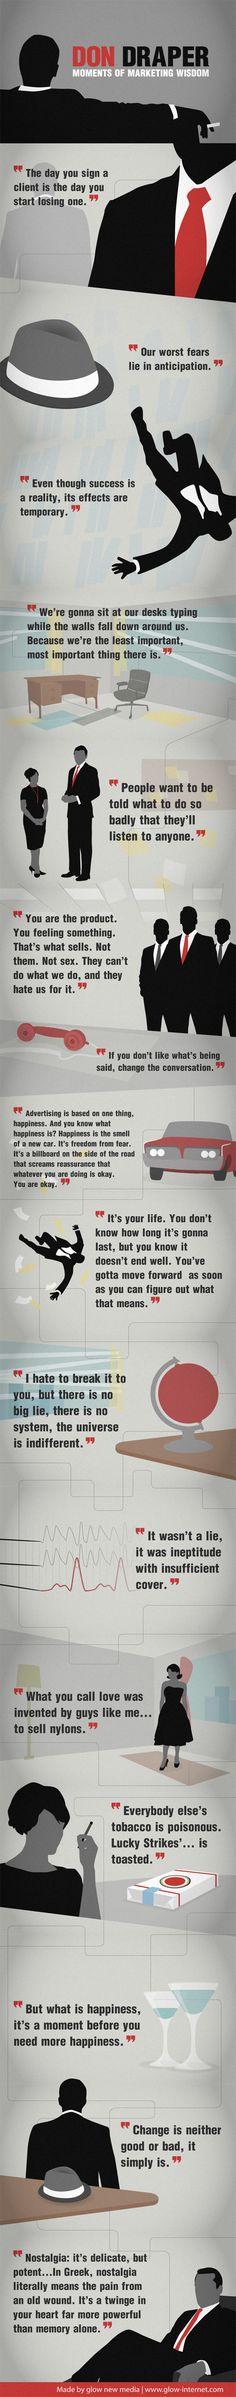 16 lições de negócios com Don Draper, de Mad Men